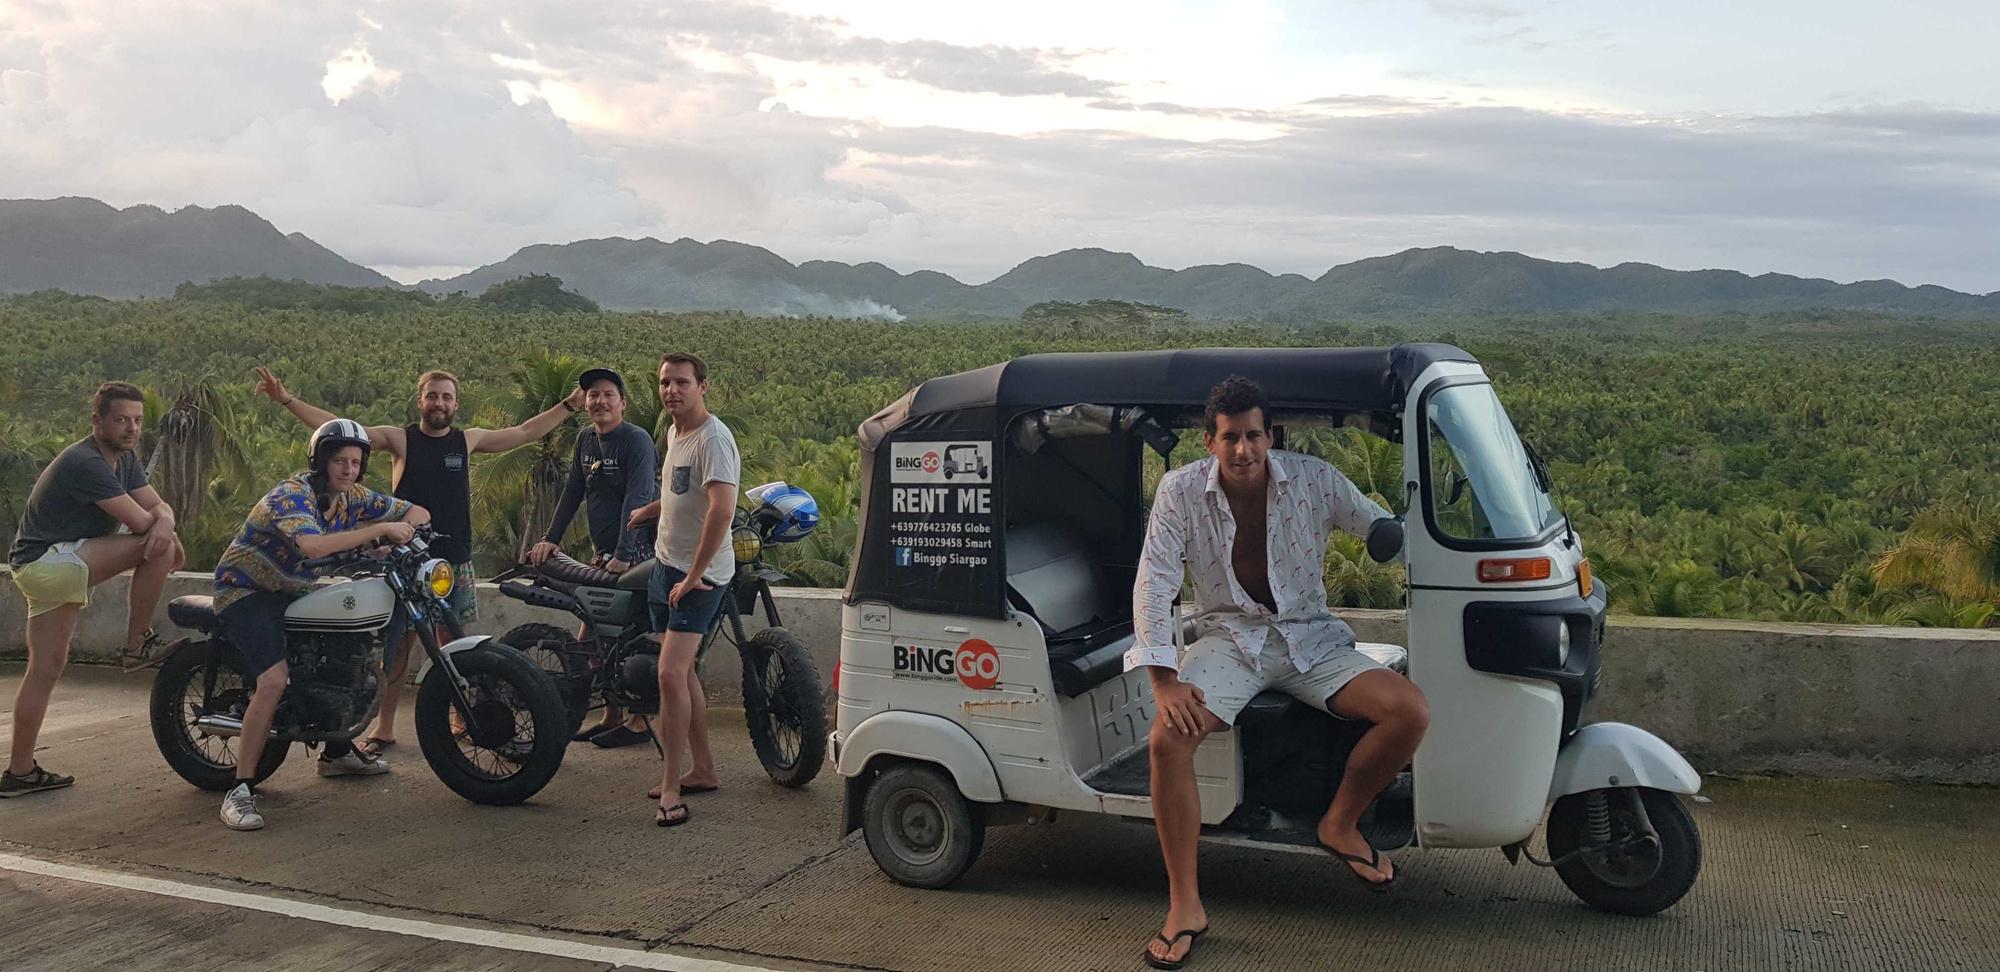 Een recente prospectie voor een nieuwe tuktuk-trip. Charles leunt op de tuktuk, Simon zit op de moto., Travelbase